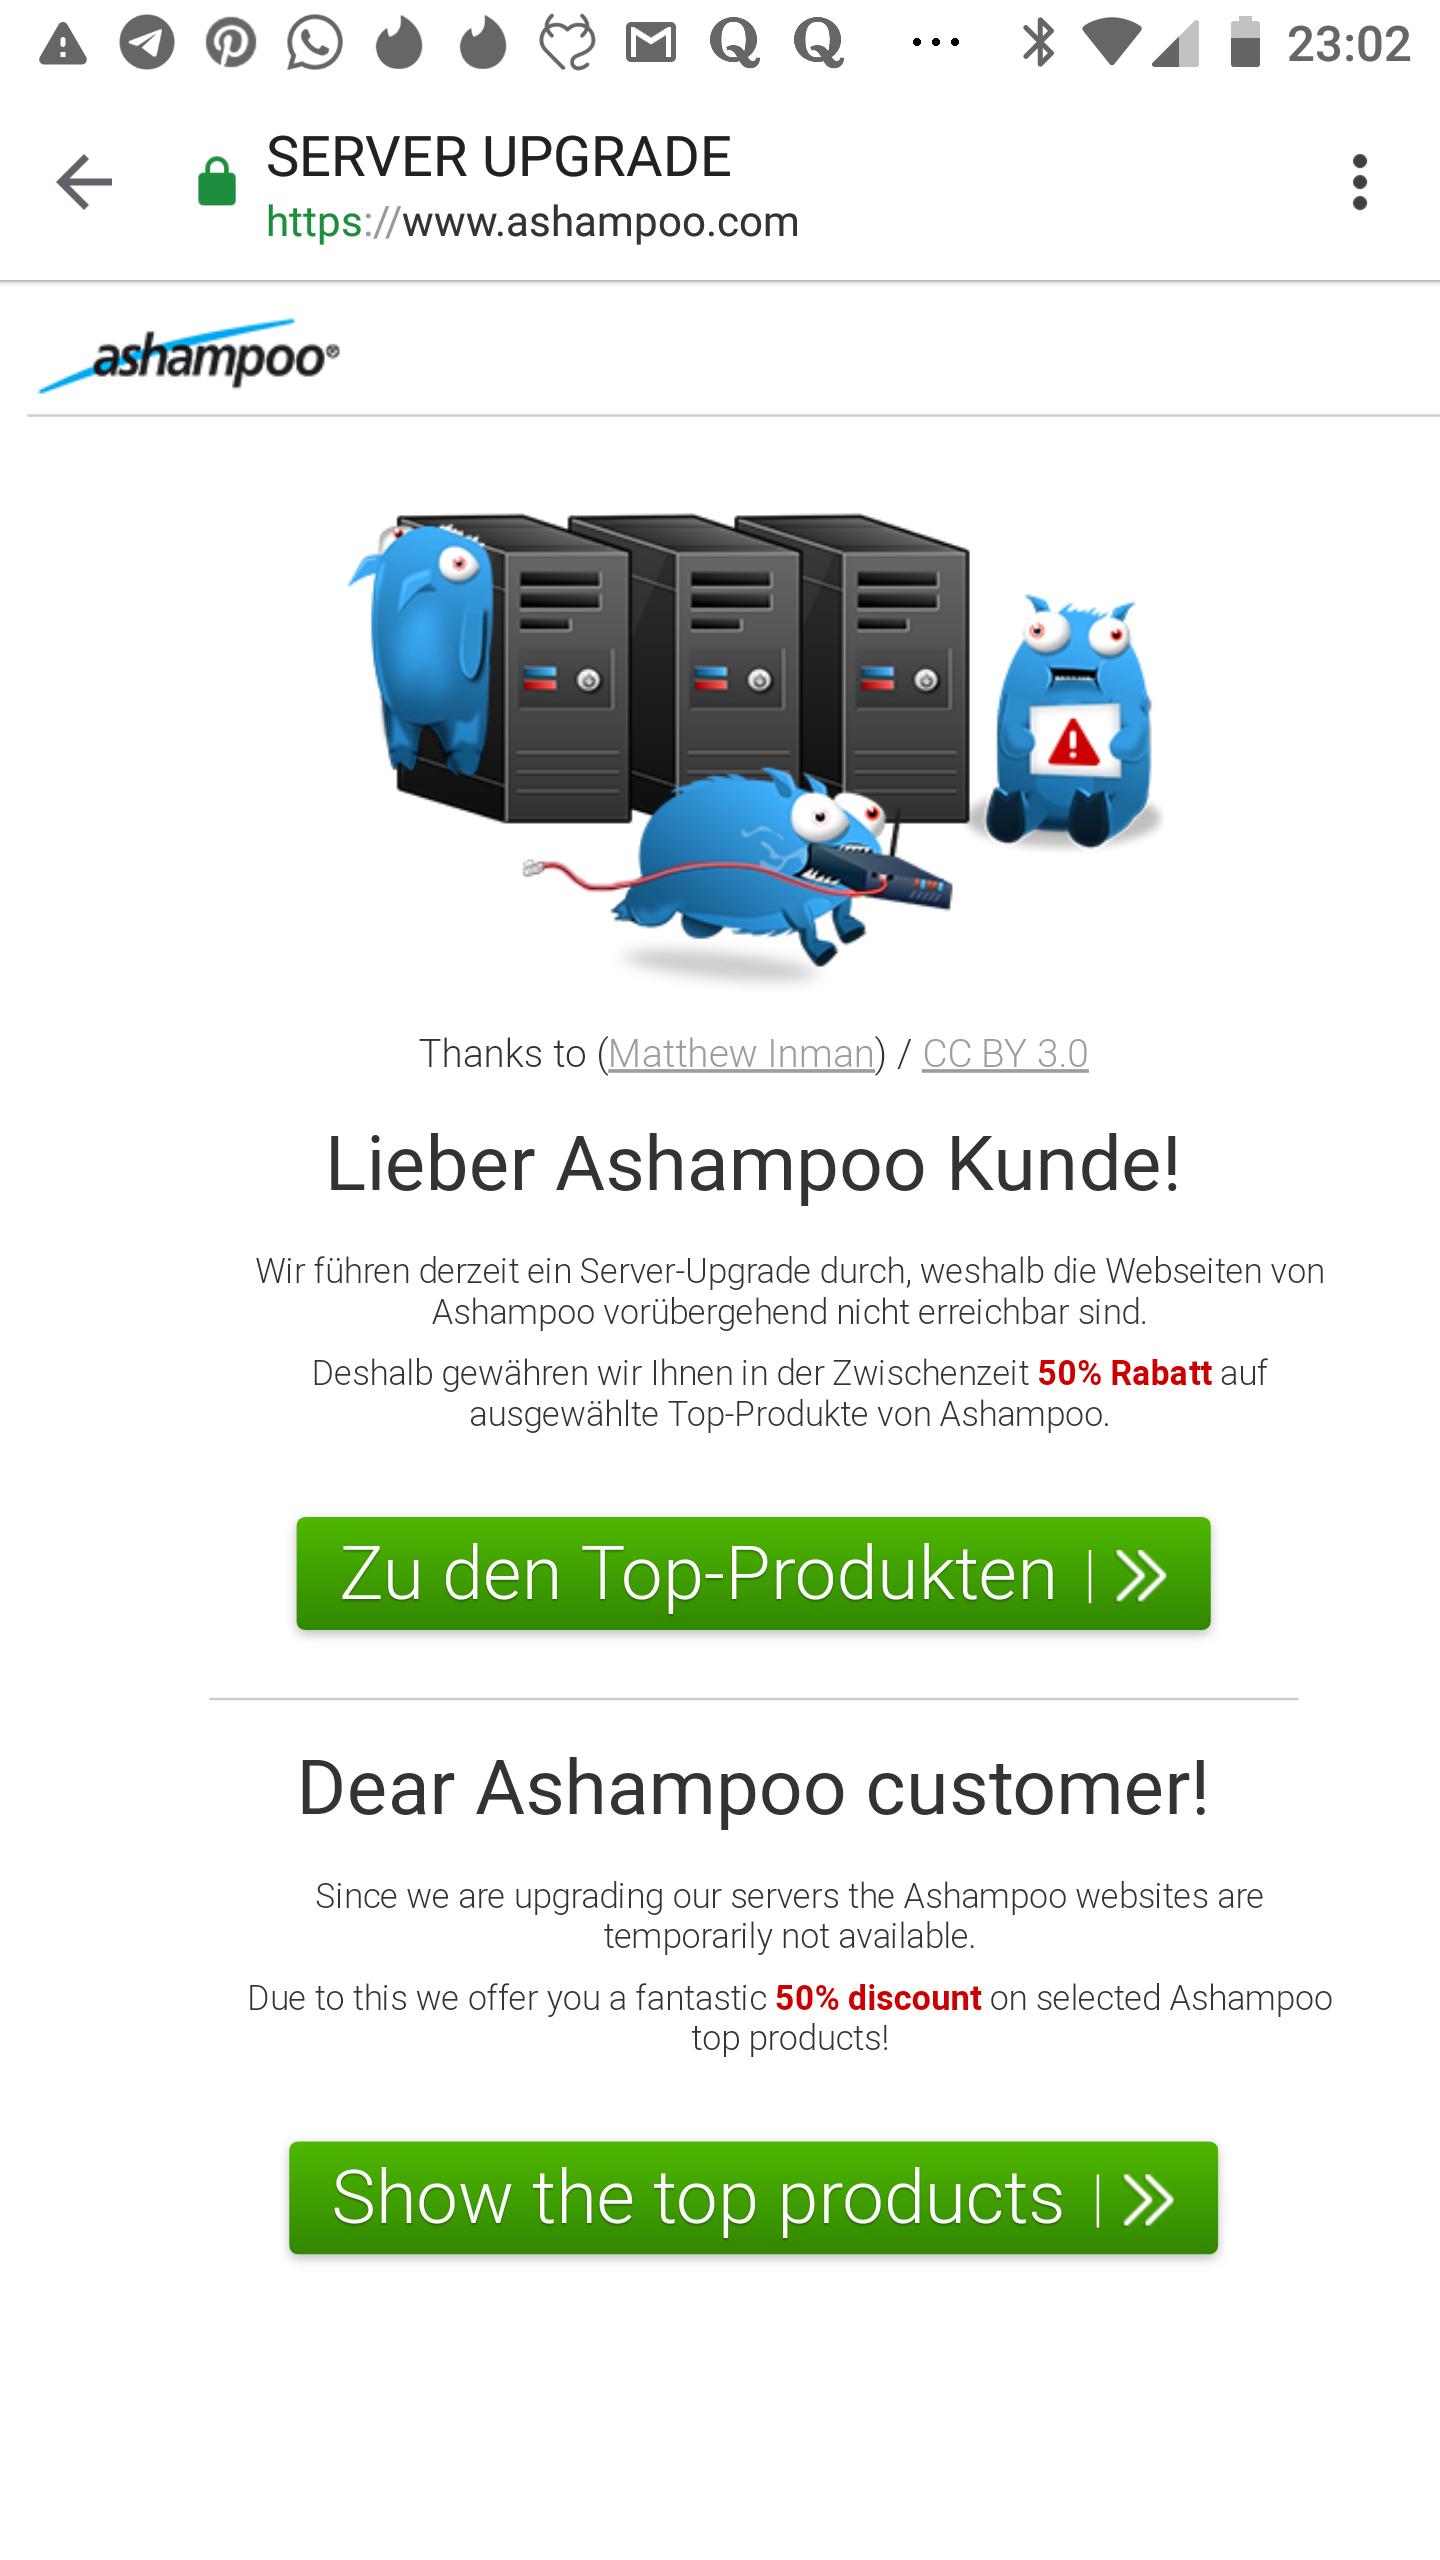 Ashampoo gibt 50% auf Top-Produkte